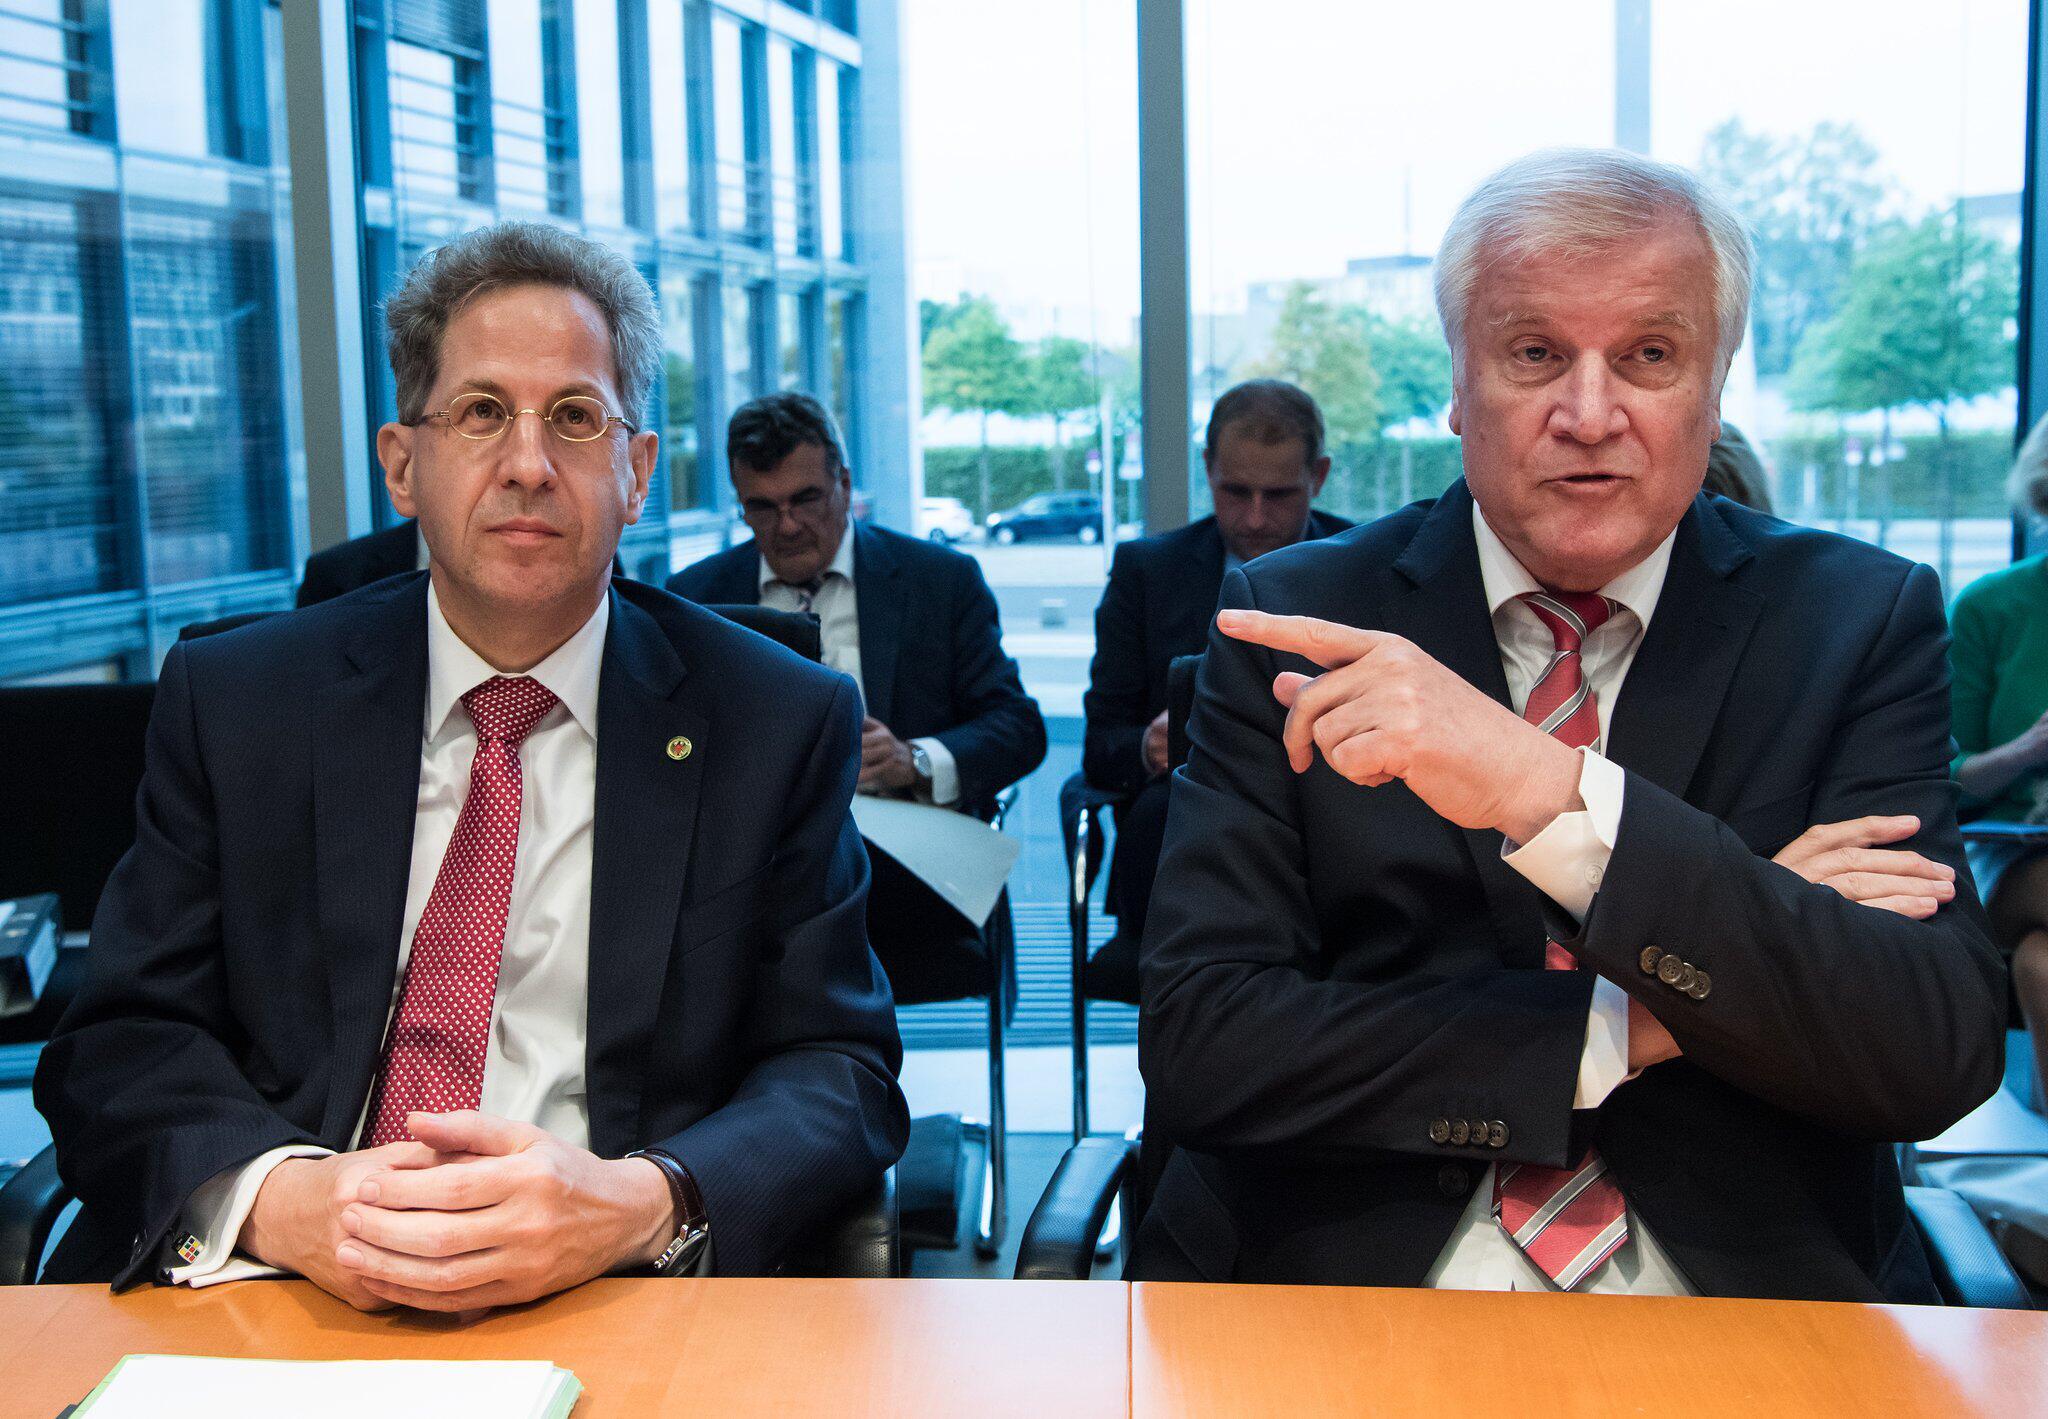 Bild zu Hans-Georg Maaßen und Horst Seehofer